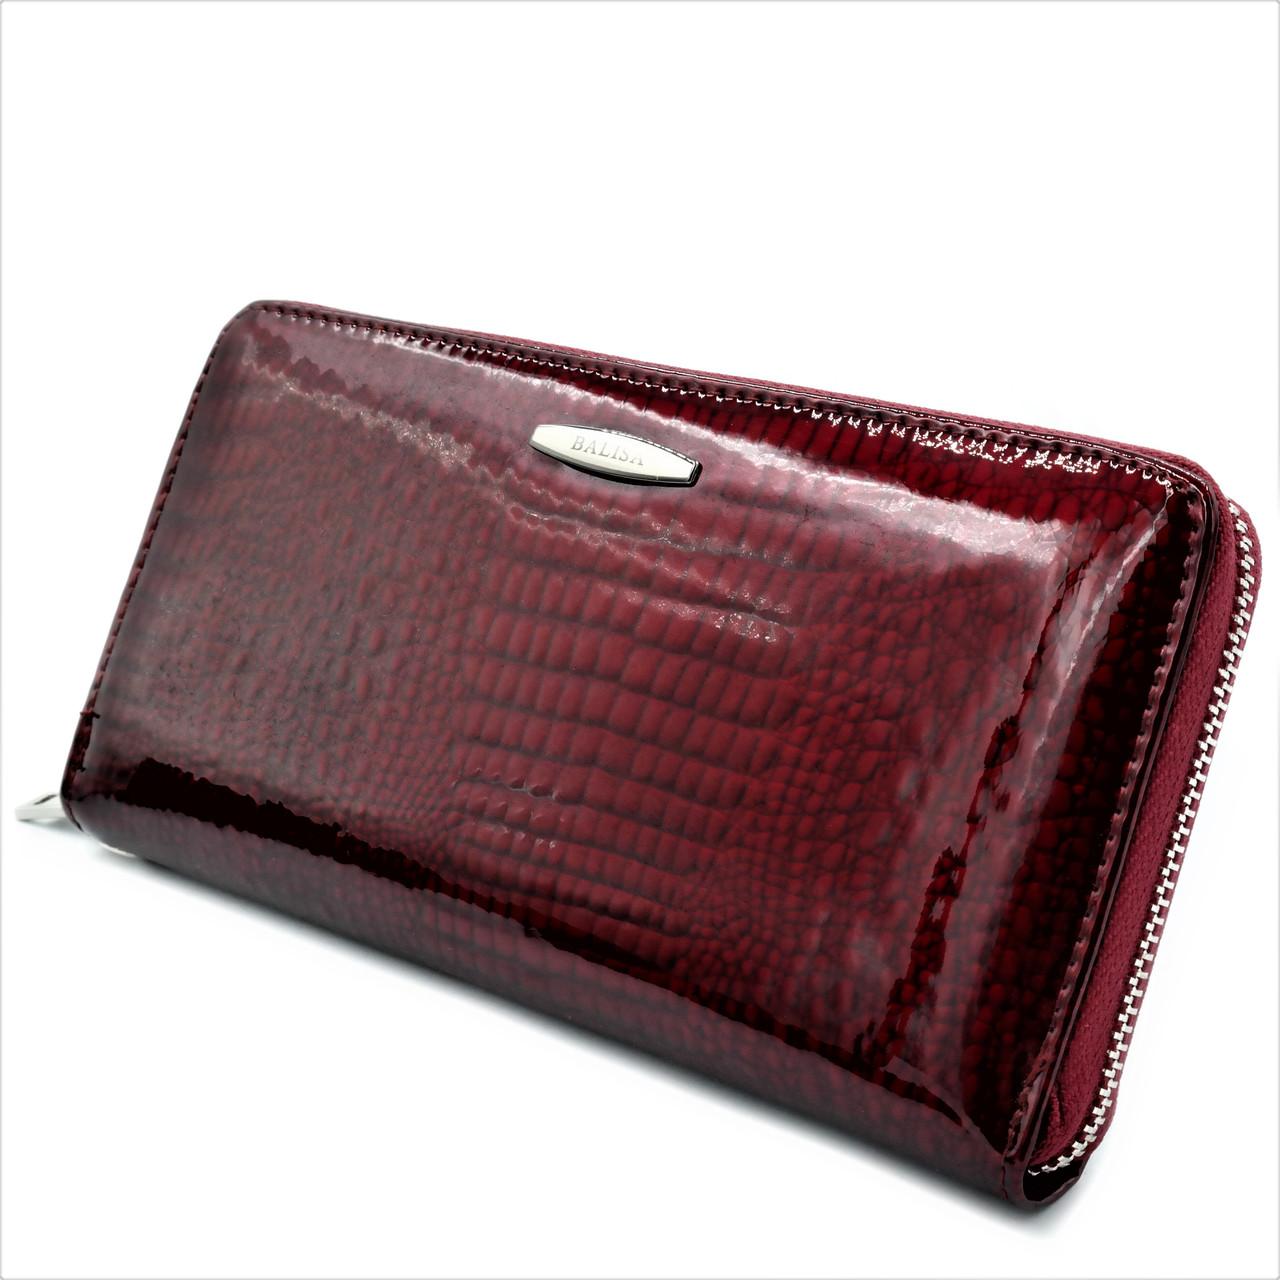 Жіночий шкіряний гаманець Темно-червоний (Марсала) Гаманець преміум класу Сучасний якісний гаманець